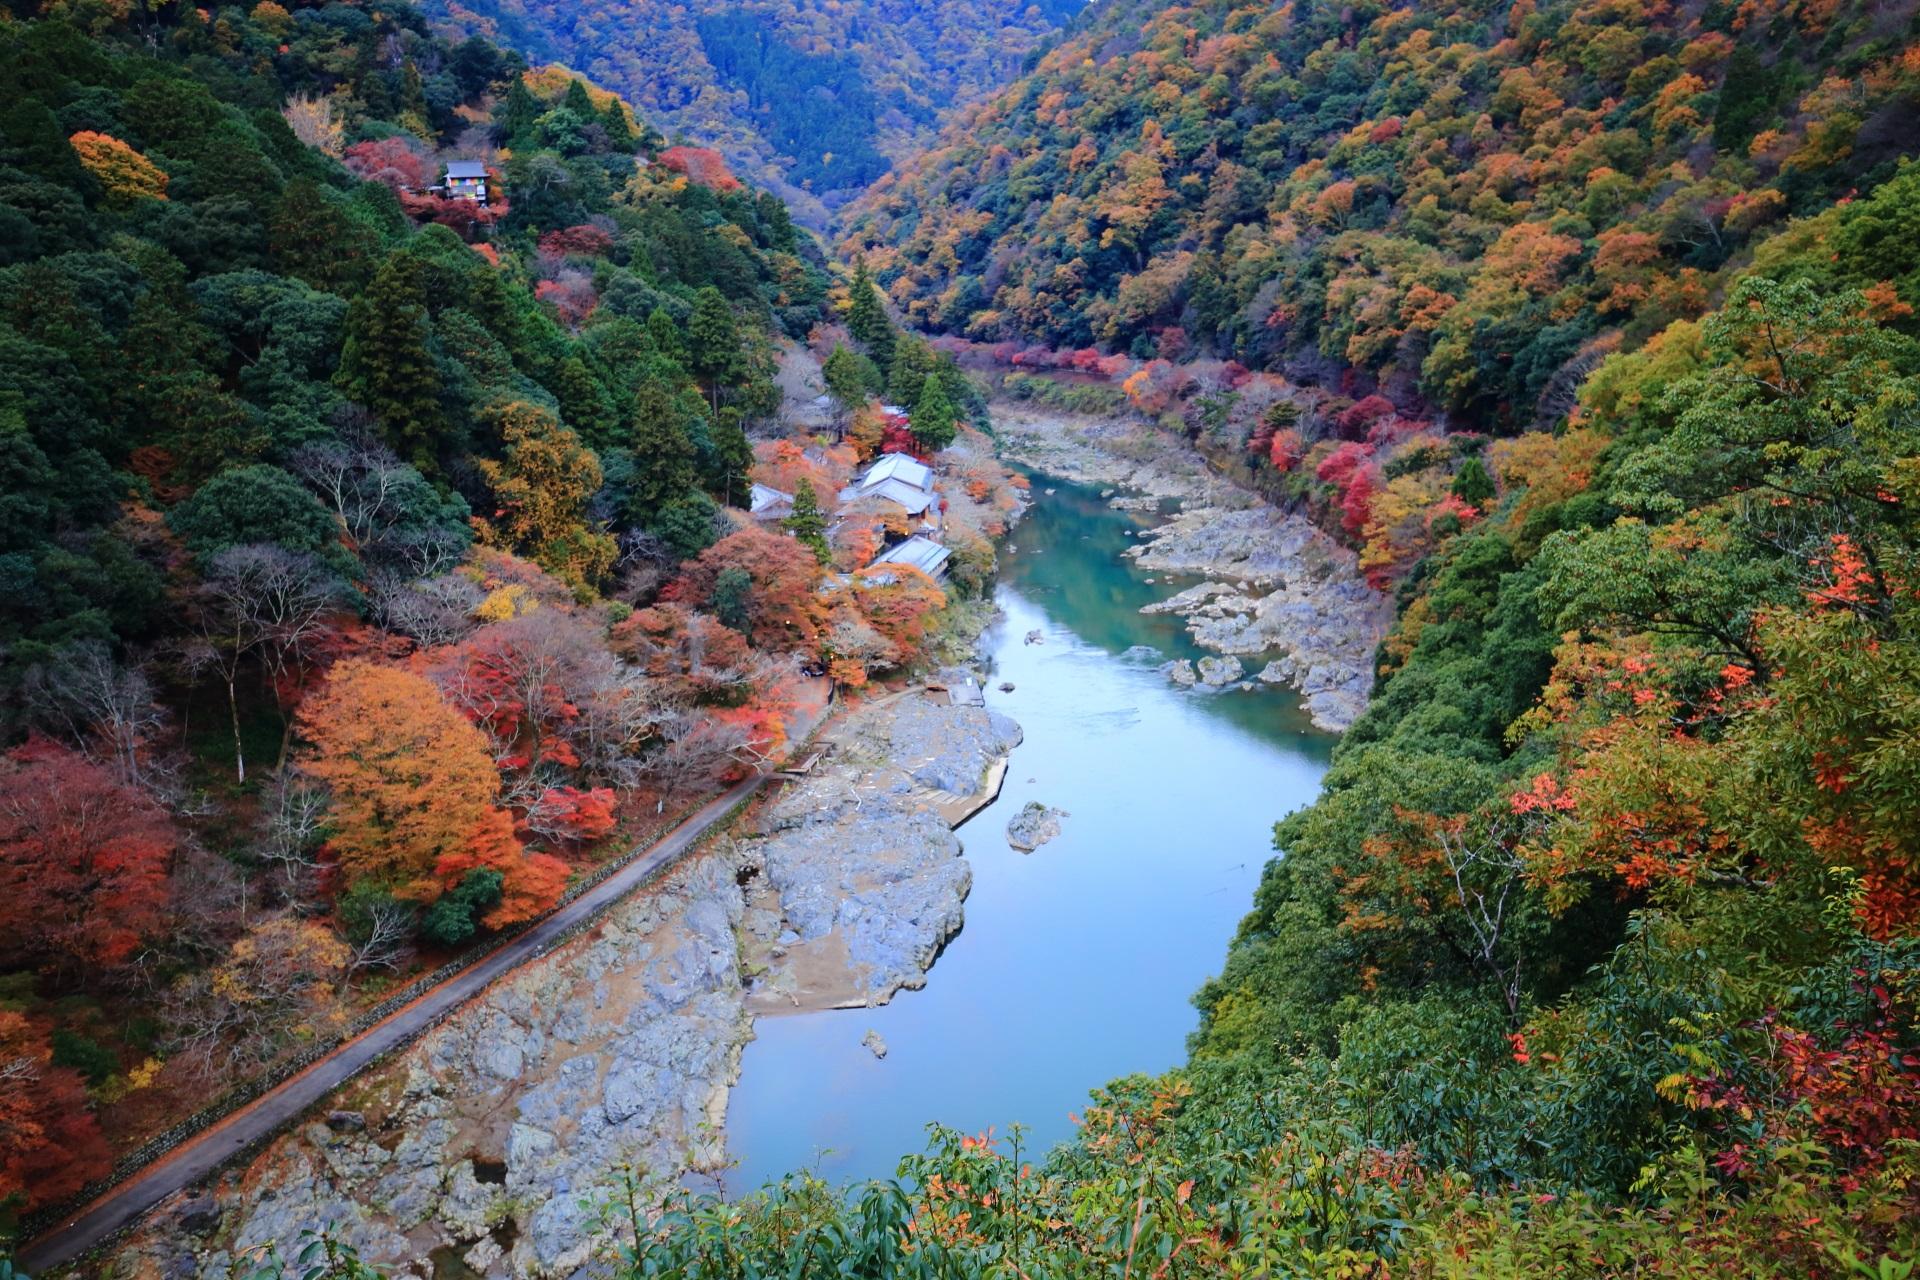 嵐山の亀山地区から眺めた深い緑に映える黄色やオレンジ色や赤色の紅葉